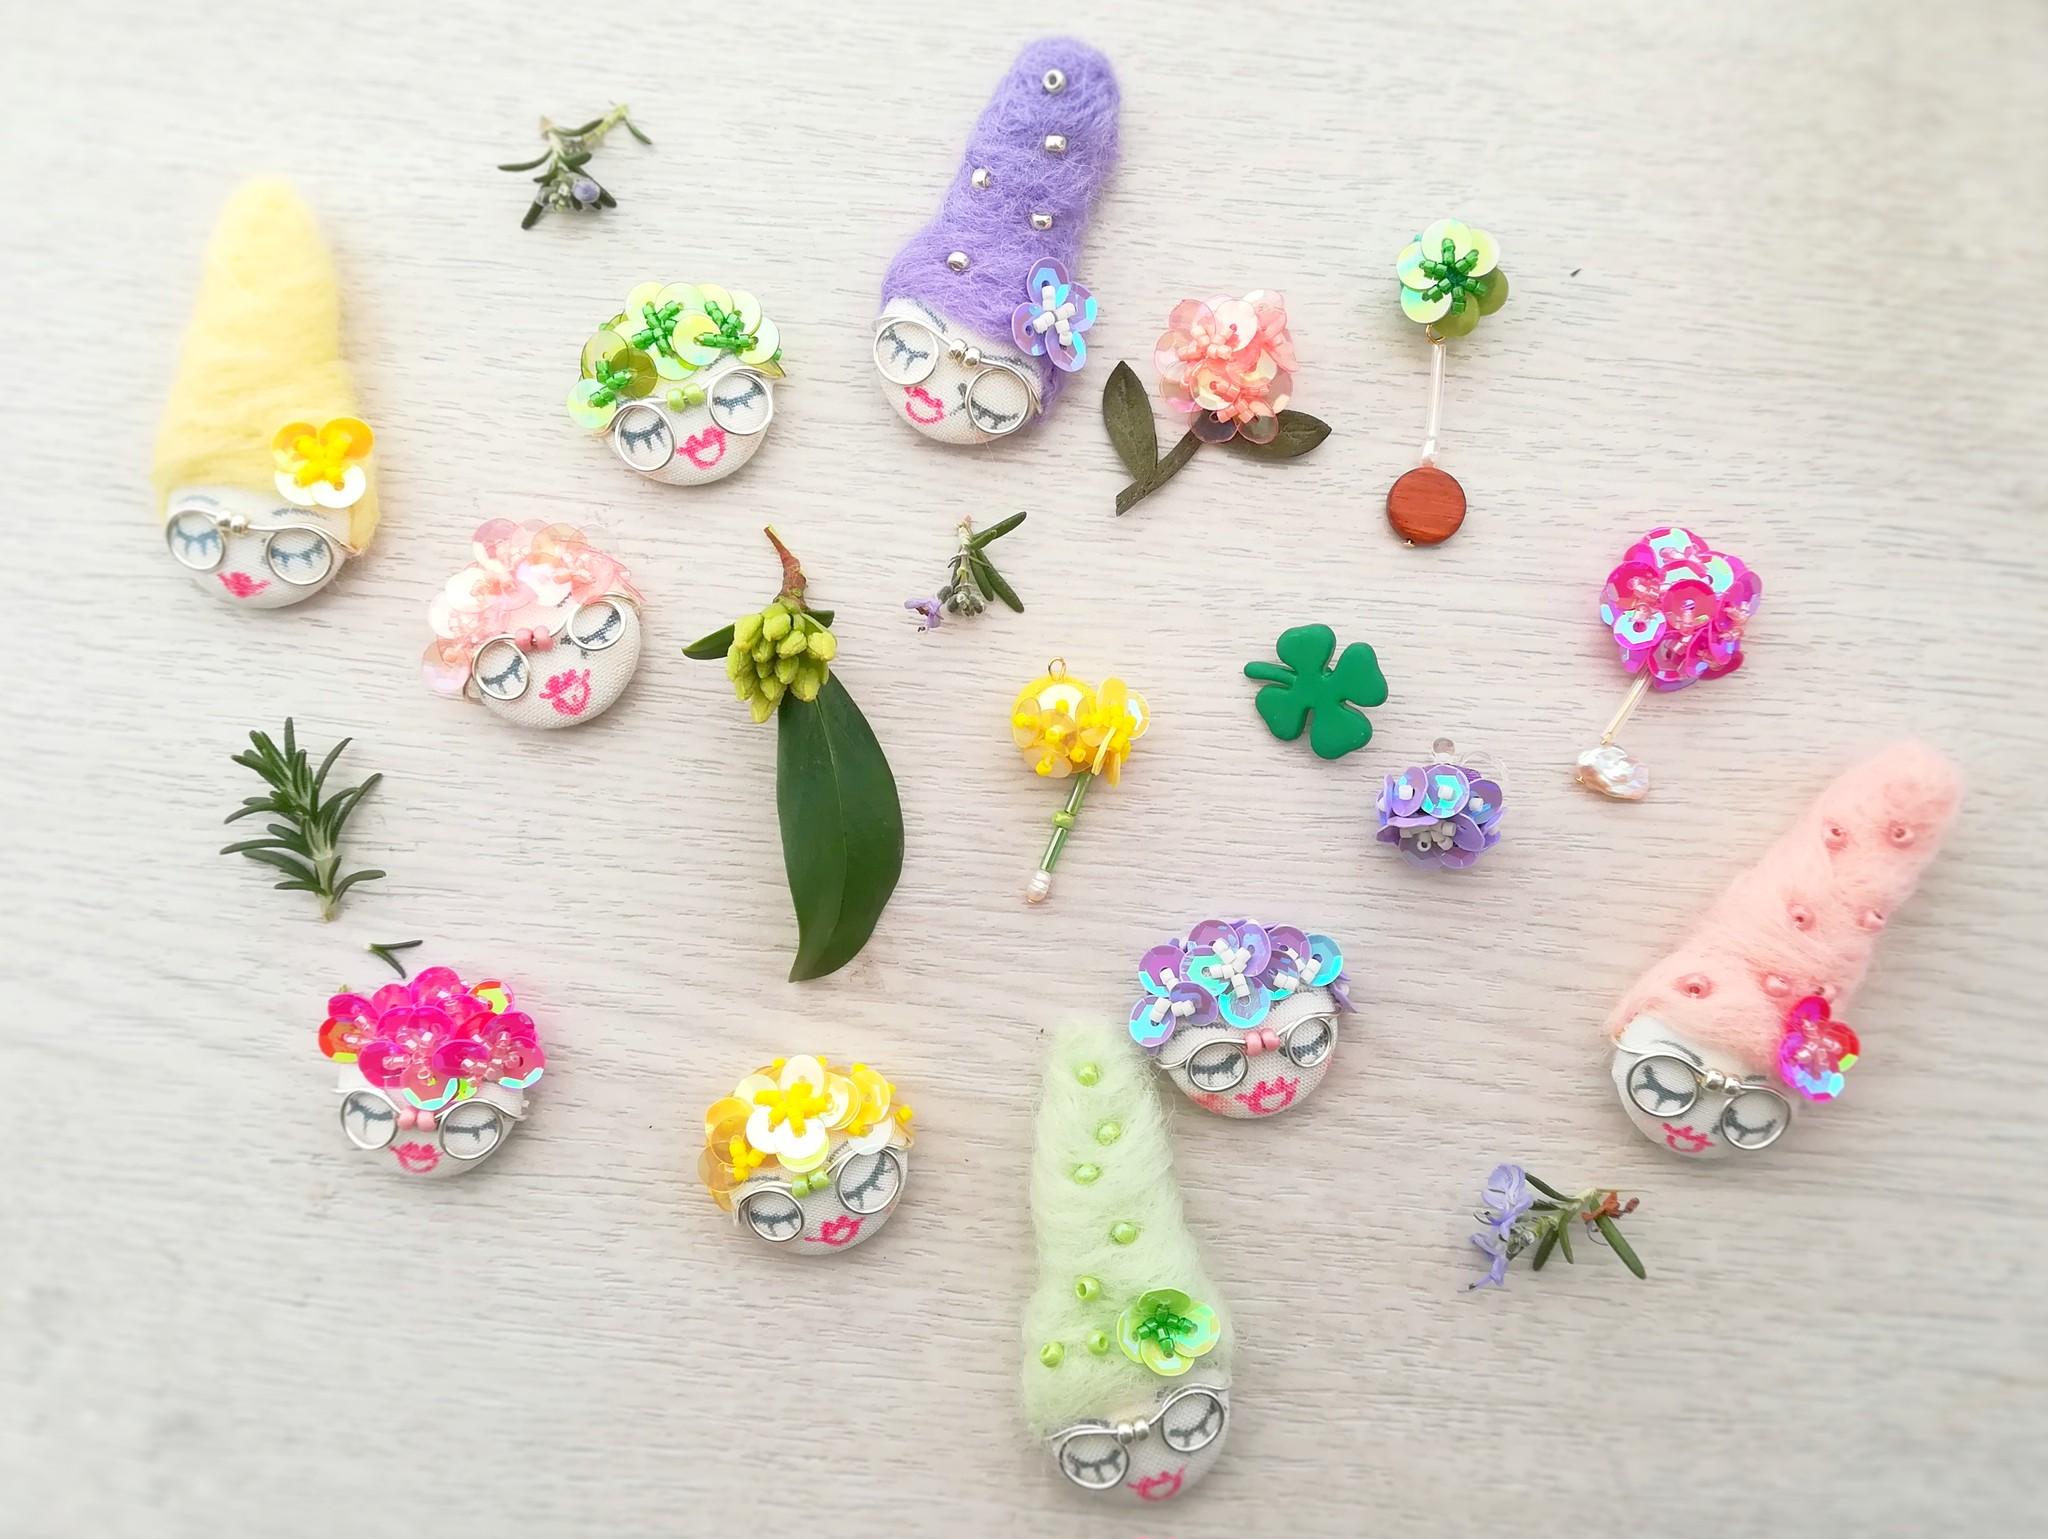 【季節はお花を巡る旅】耳元で楽しいトークの花が咲く!花冠マダムの耳飾り